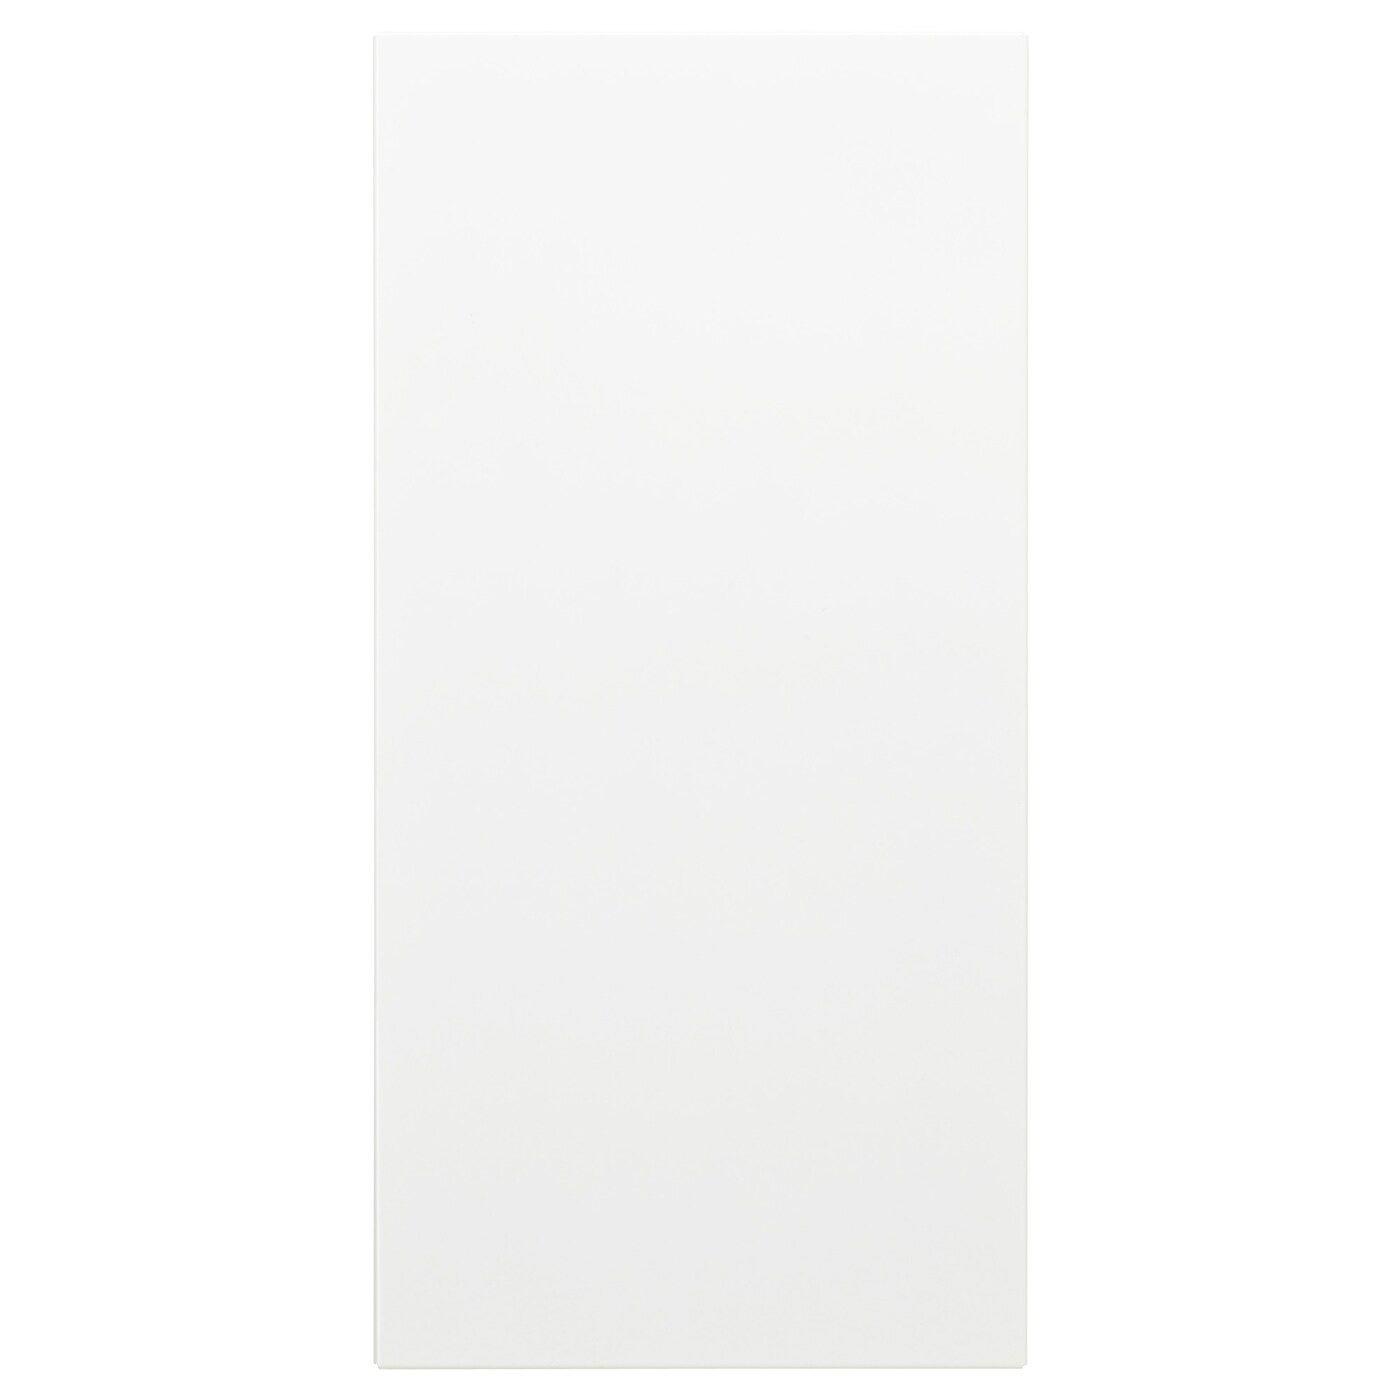 Spontan Tableau Magnetique Blanc 37x78 Cm In 2020 Magneetborden Ikea Boodschappenlijstjes